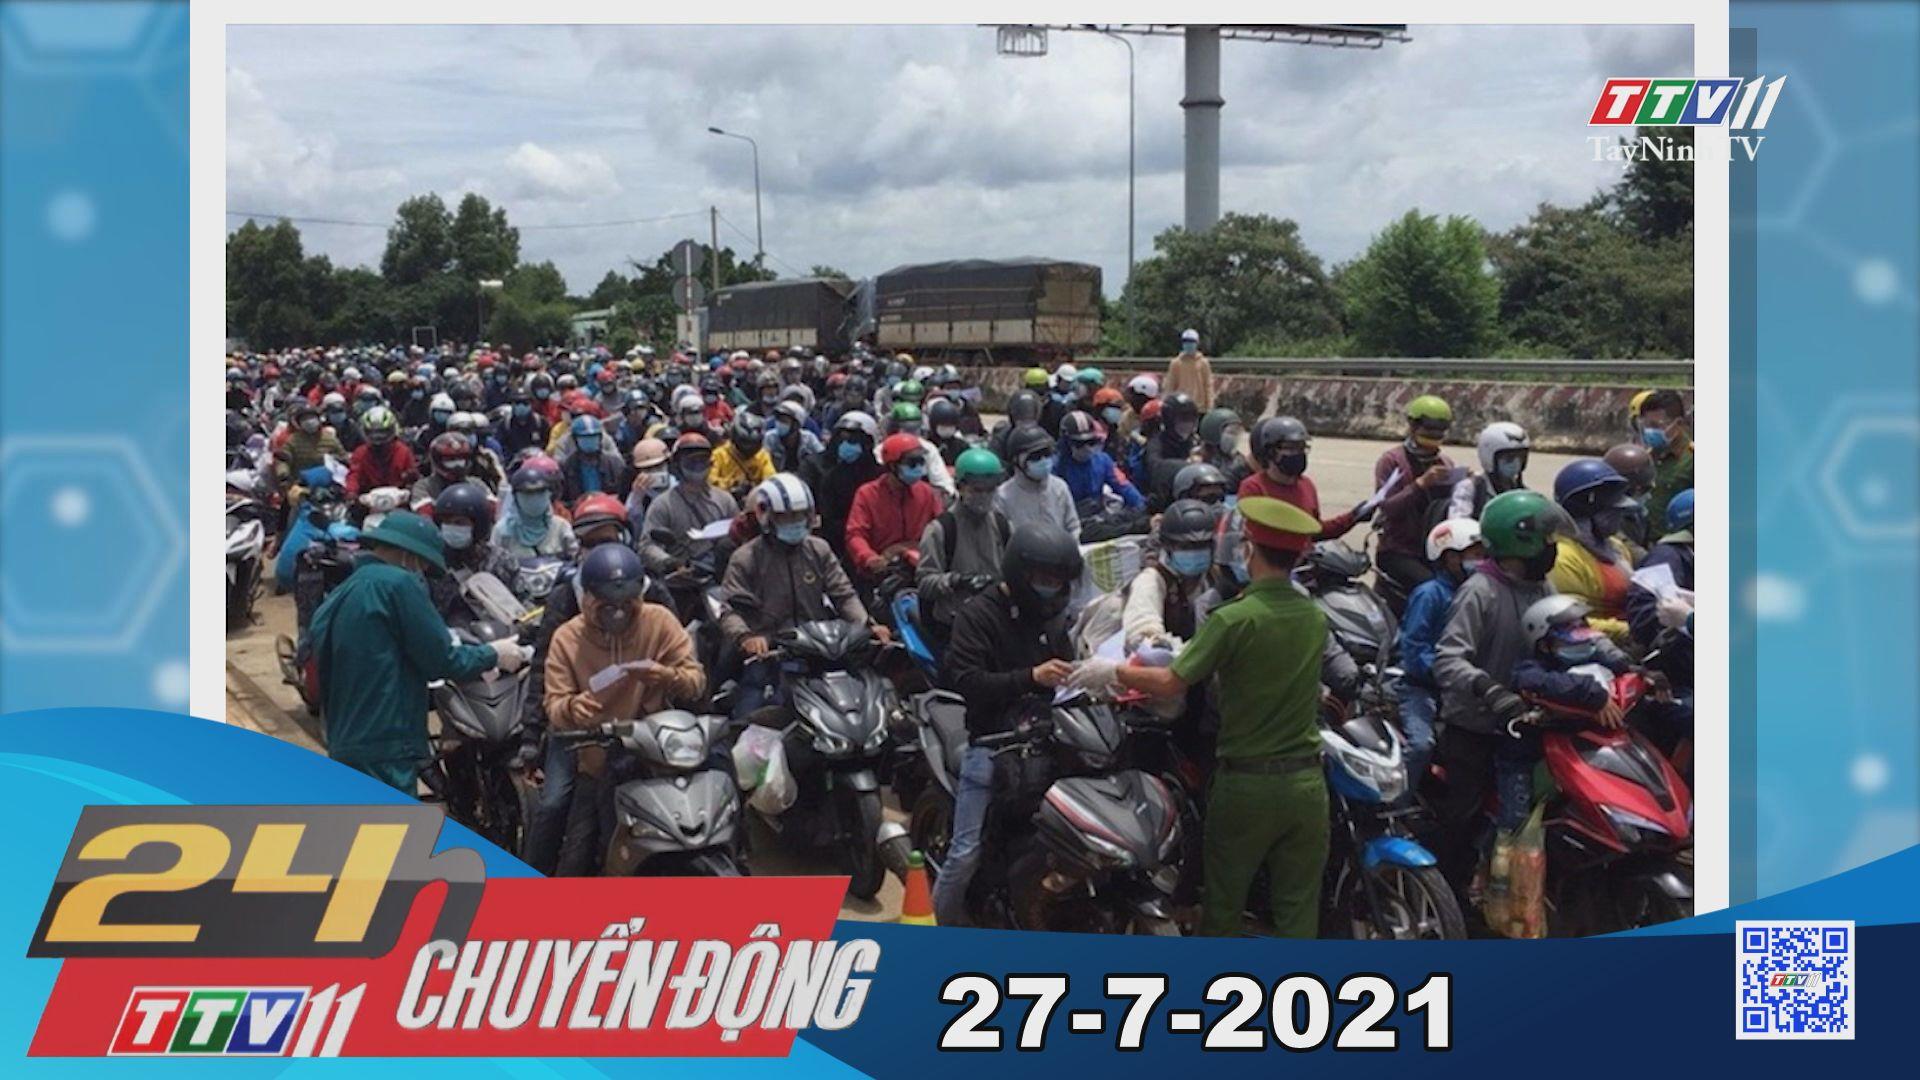 24h Chuyển động 27-7-2021 | Tin tức hôm nay | TayNinhTV